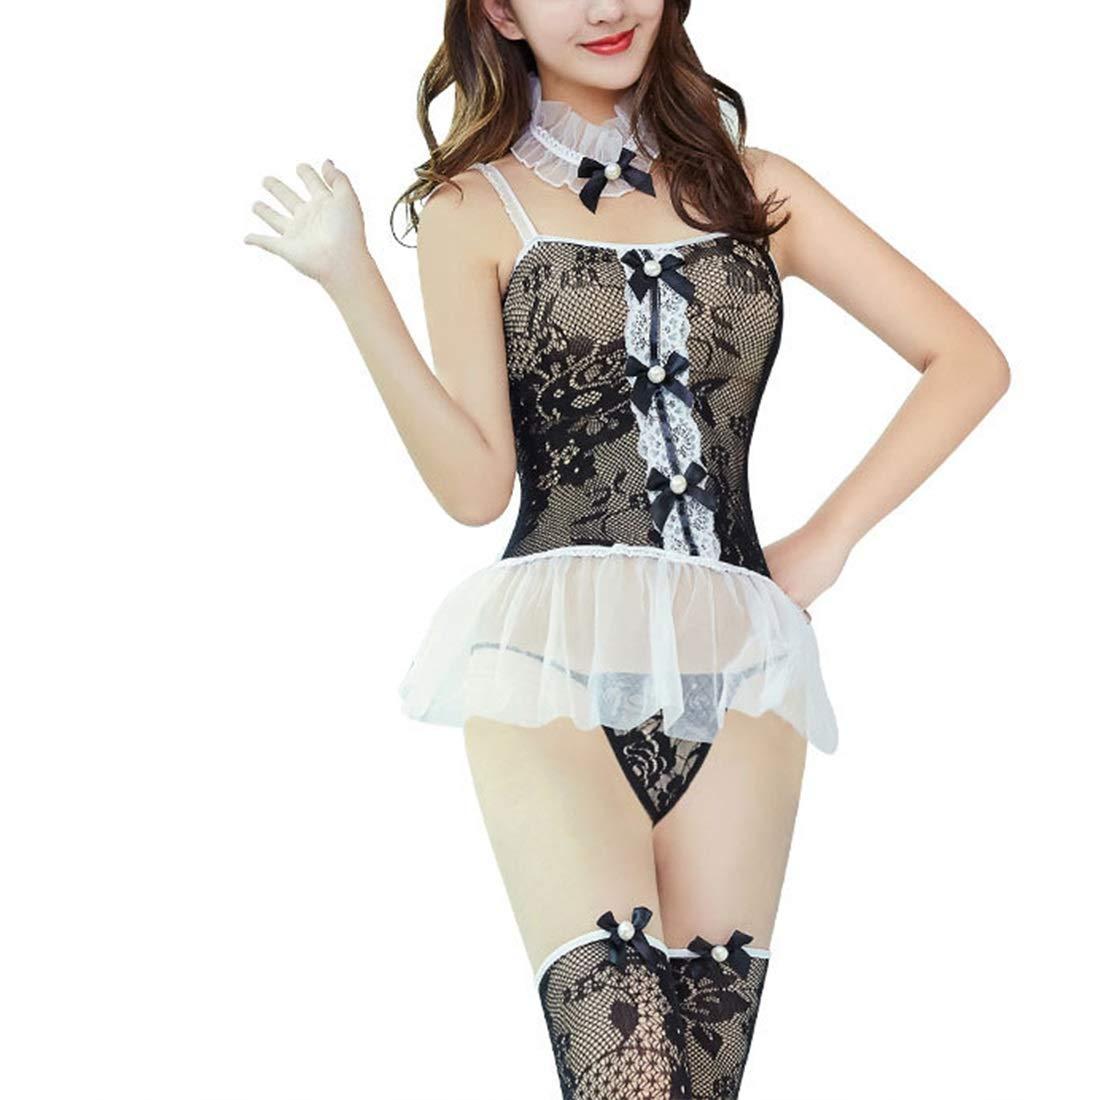 Diversión Bragas sexy ArtHalle Lencería Sexy para Mujer Camisón Bragas Diversión de Onesies con Traje de Encaje de Liga Hollow (Color : Black, Size : One Size) fd2858